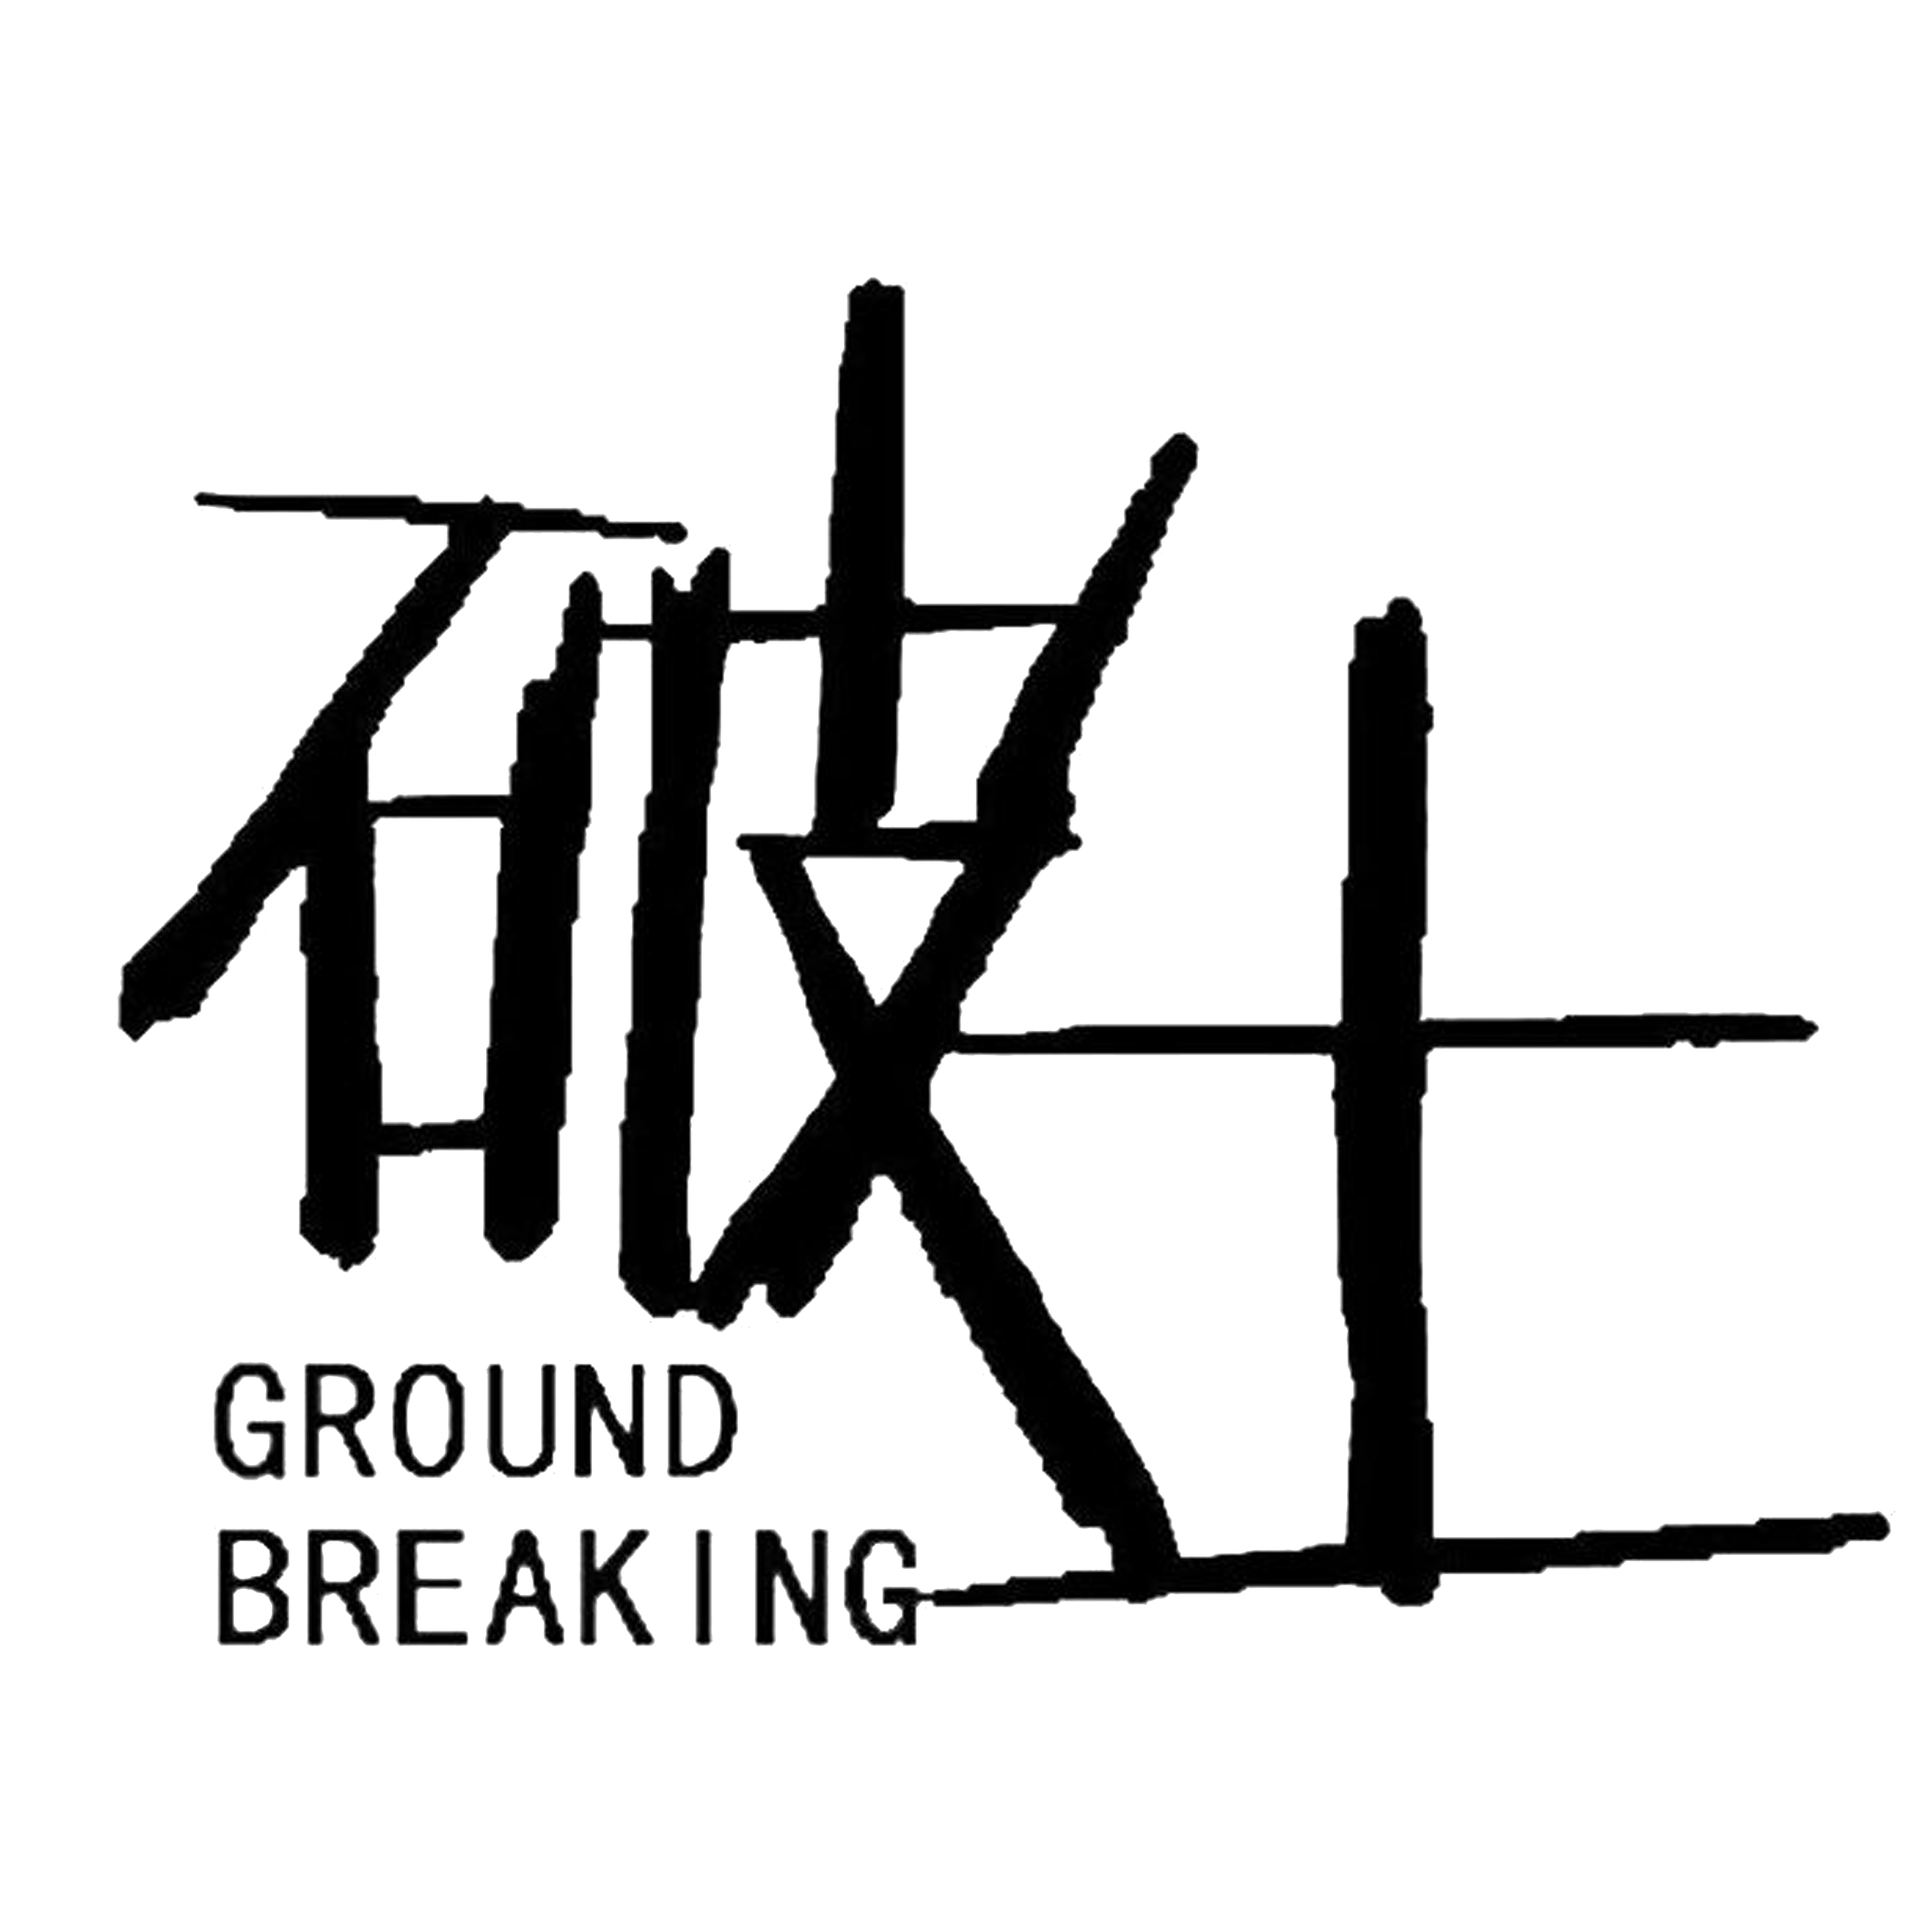 破土 Ground Breaking